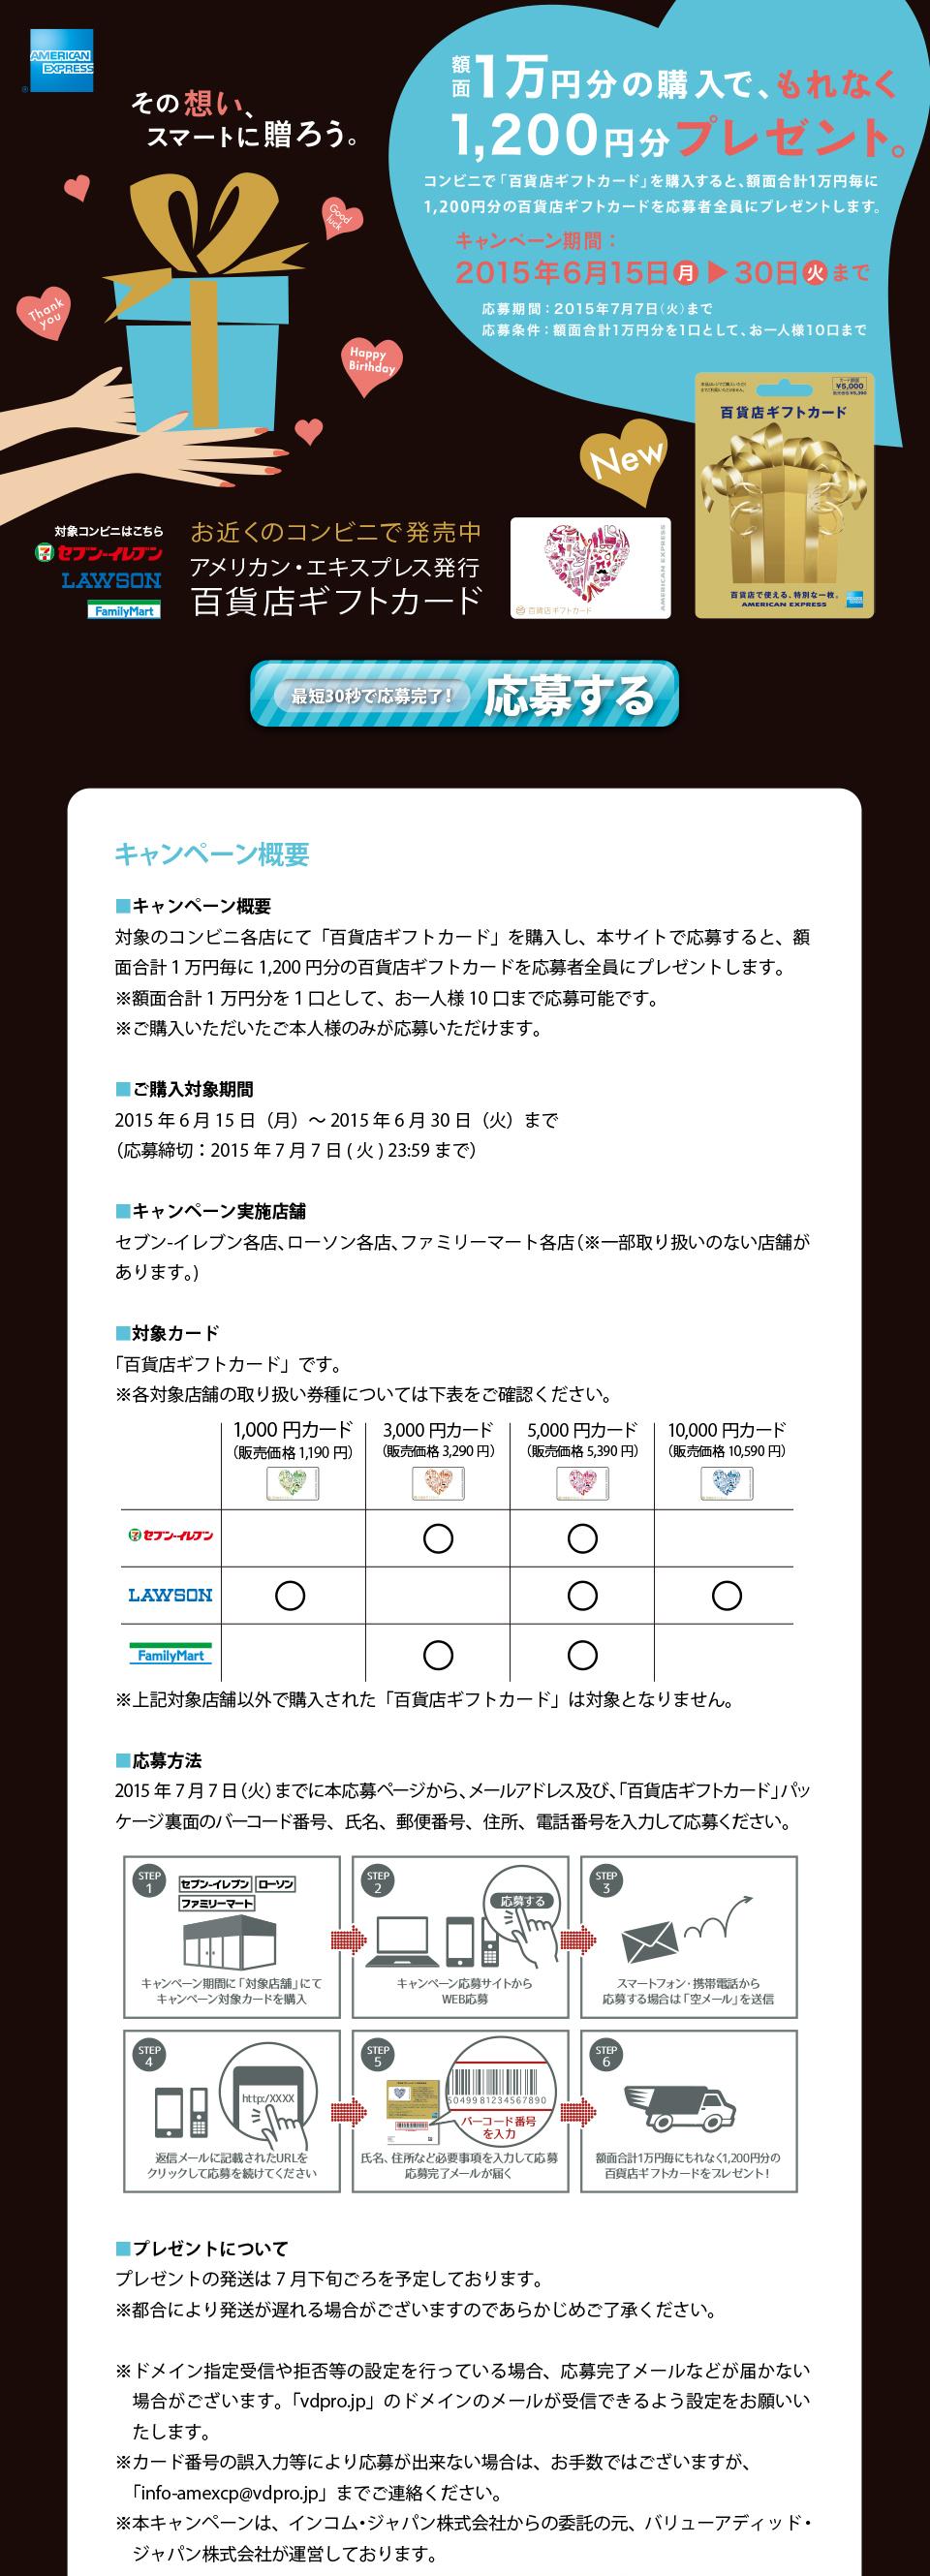 コンビニで百貨店ギフトカードを購入すると、1万円ごとに1200円のギフトカードが貰える。~6/30。